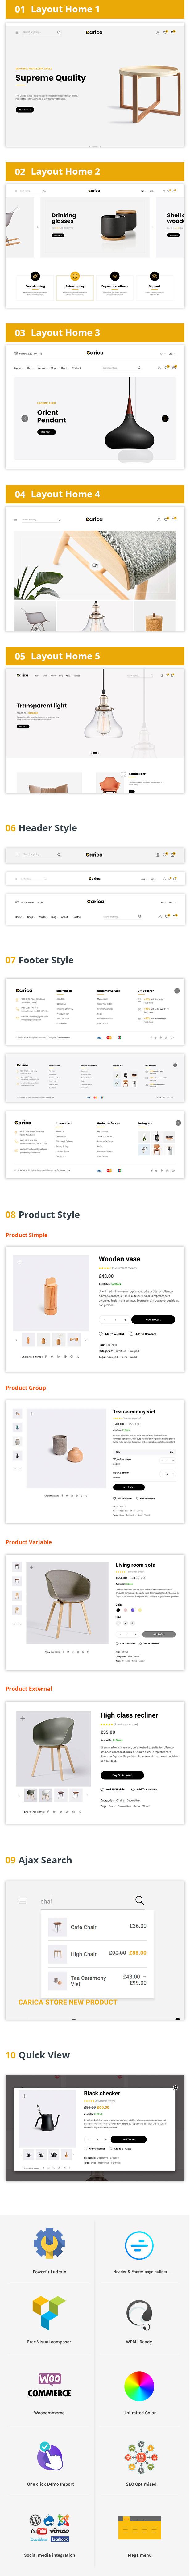 Wordpress Shop Template Carica - Furniture Handmade WooCommerce Theme